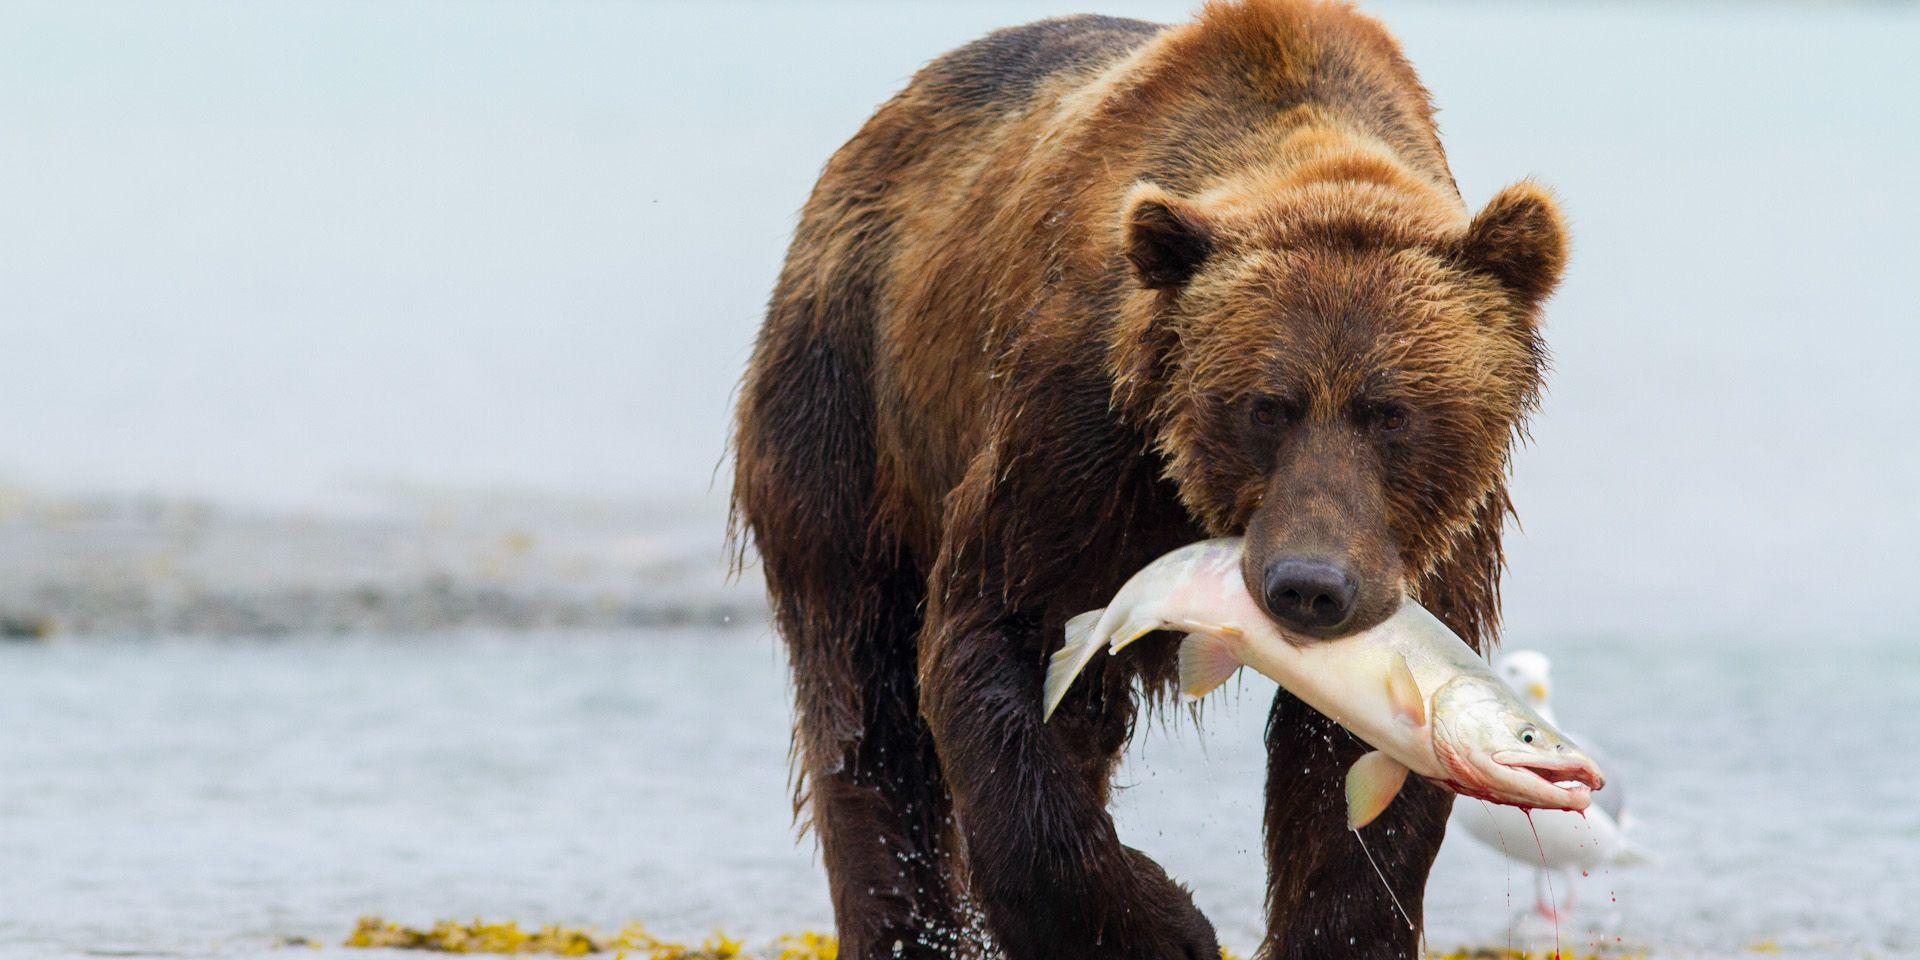 Los osos grizzly han decidido volverse vegetarianos